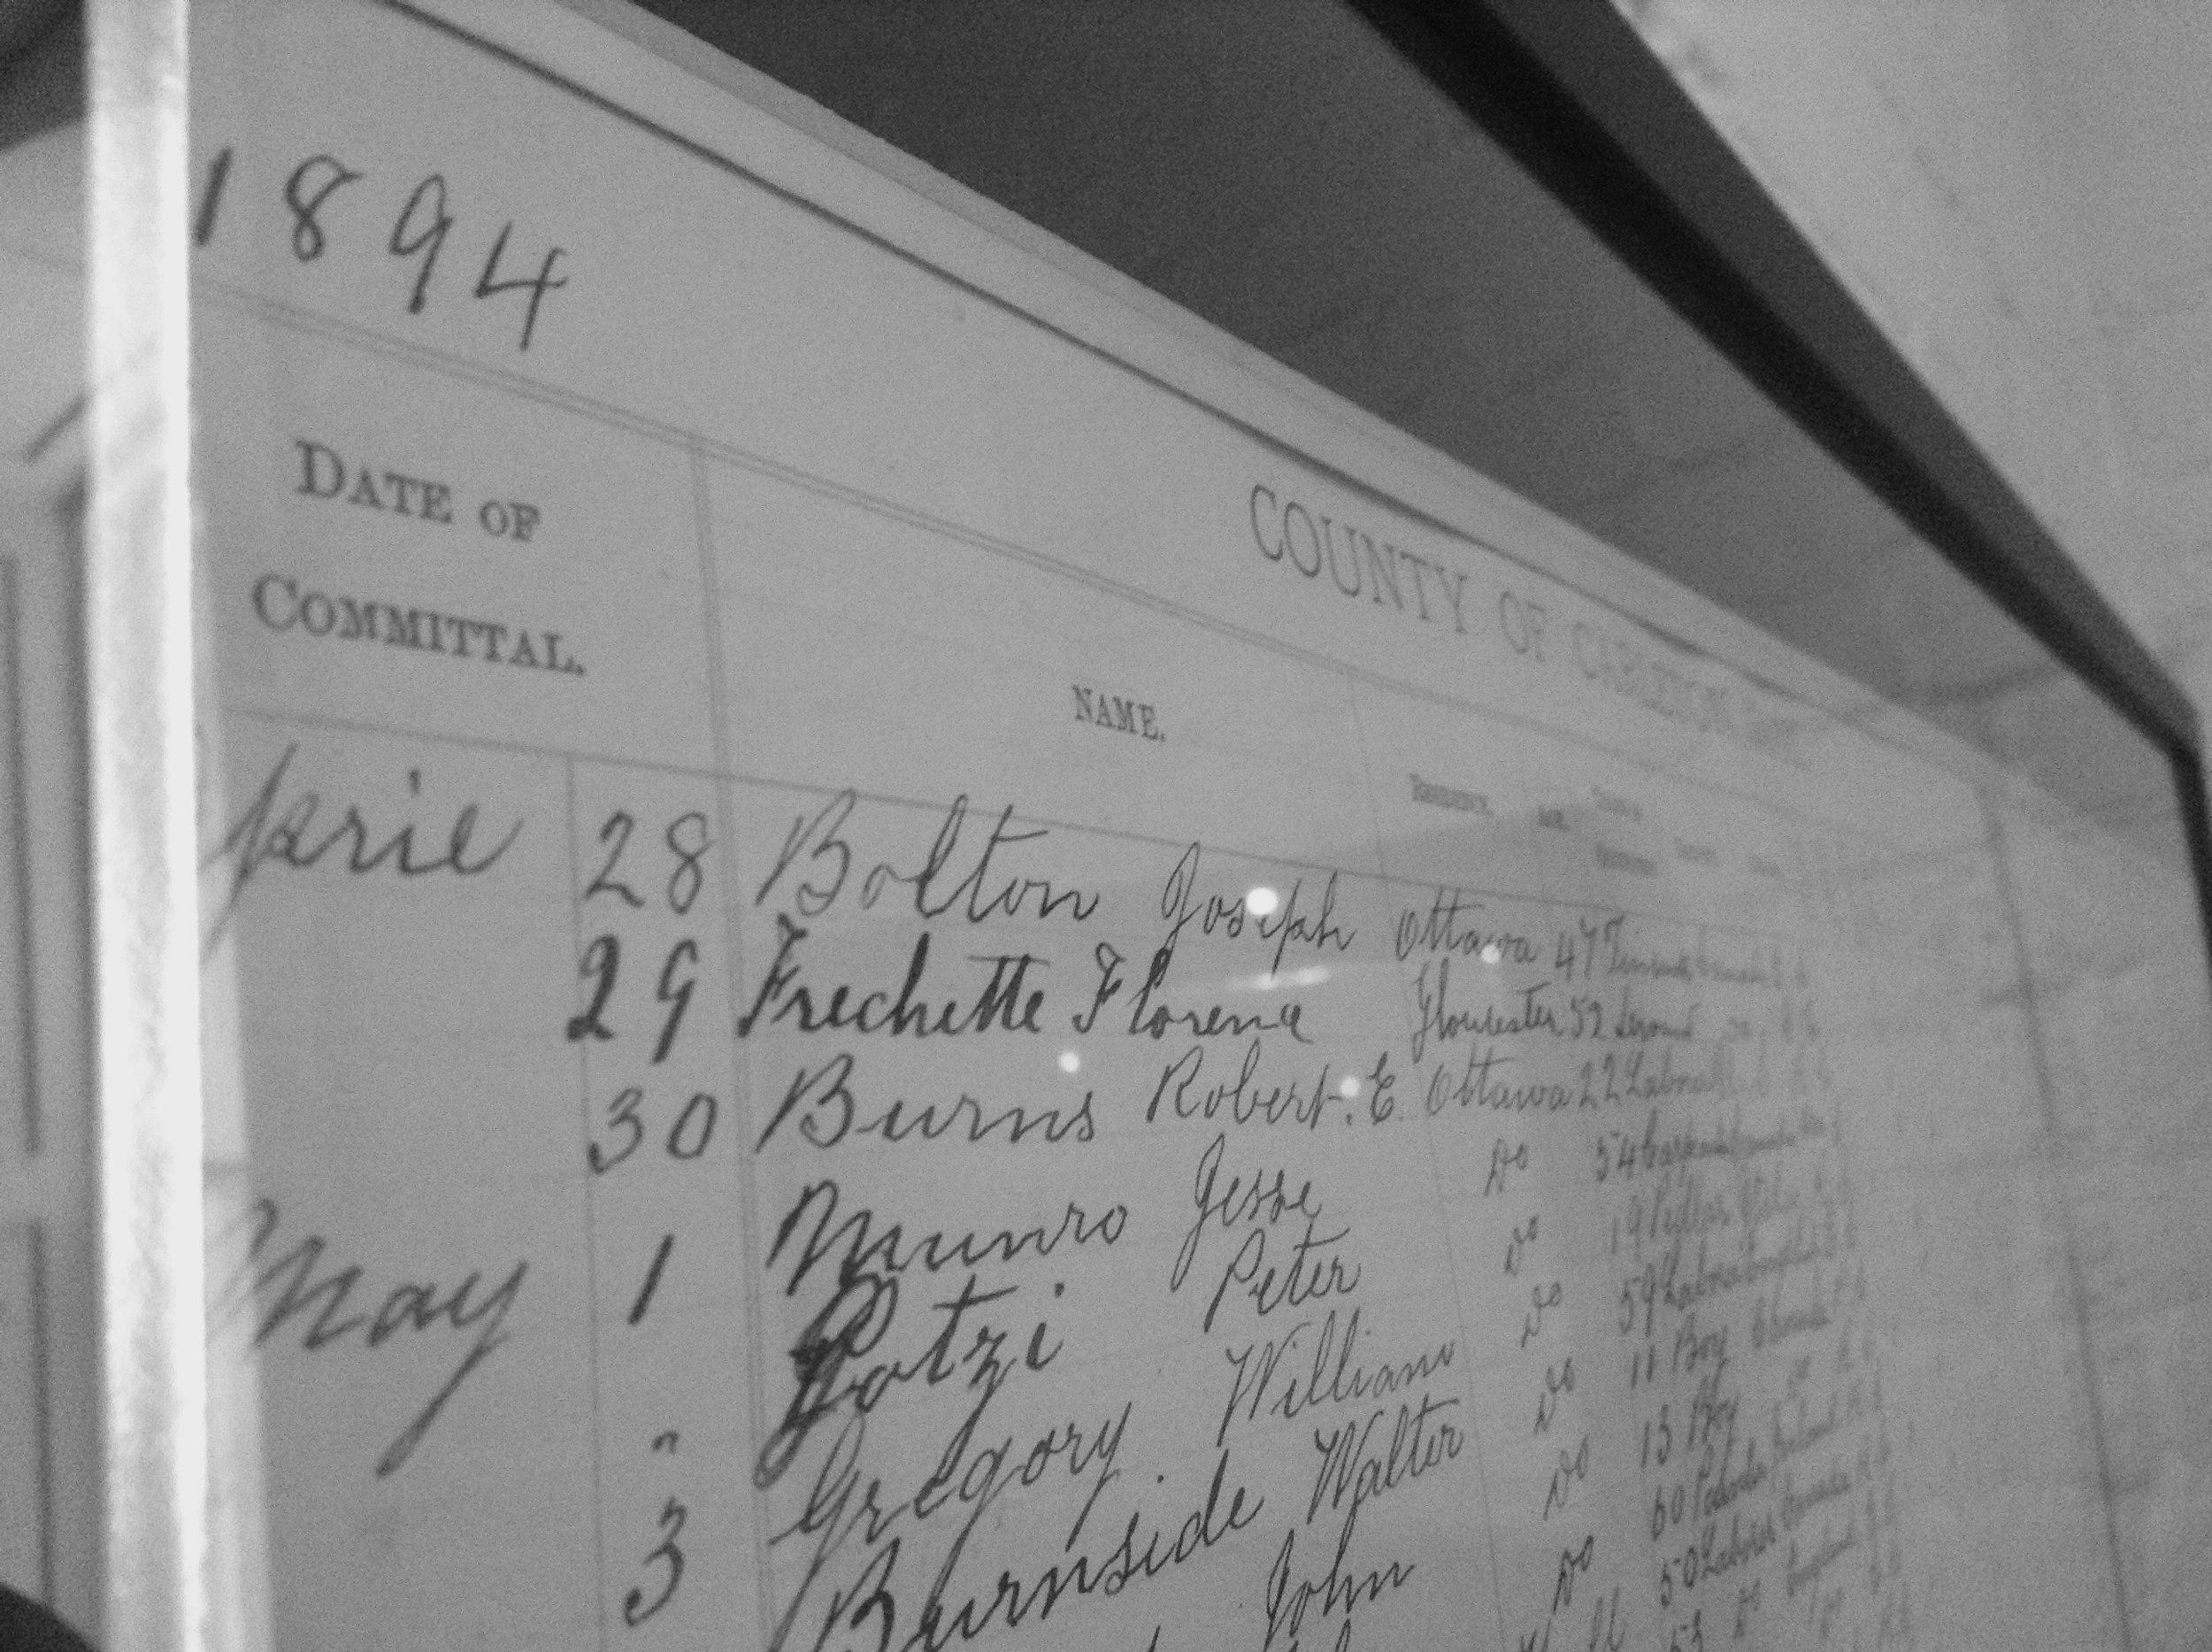 1894 Gaol record.